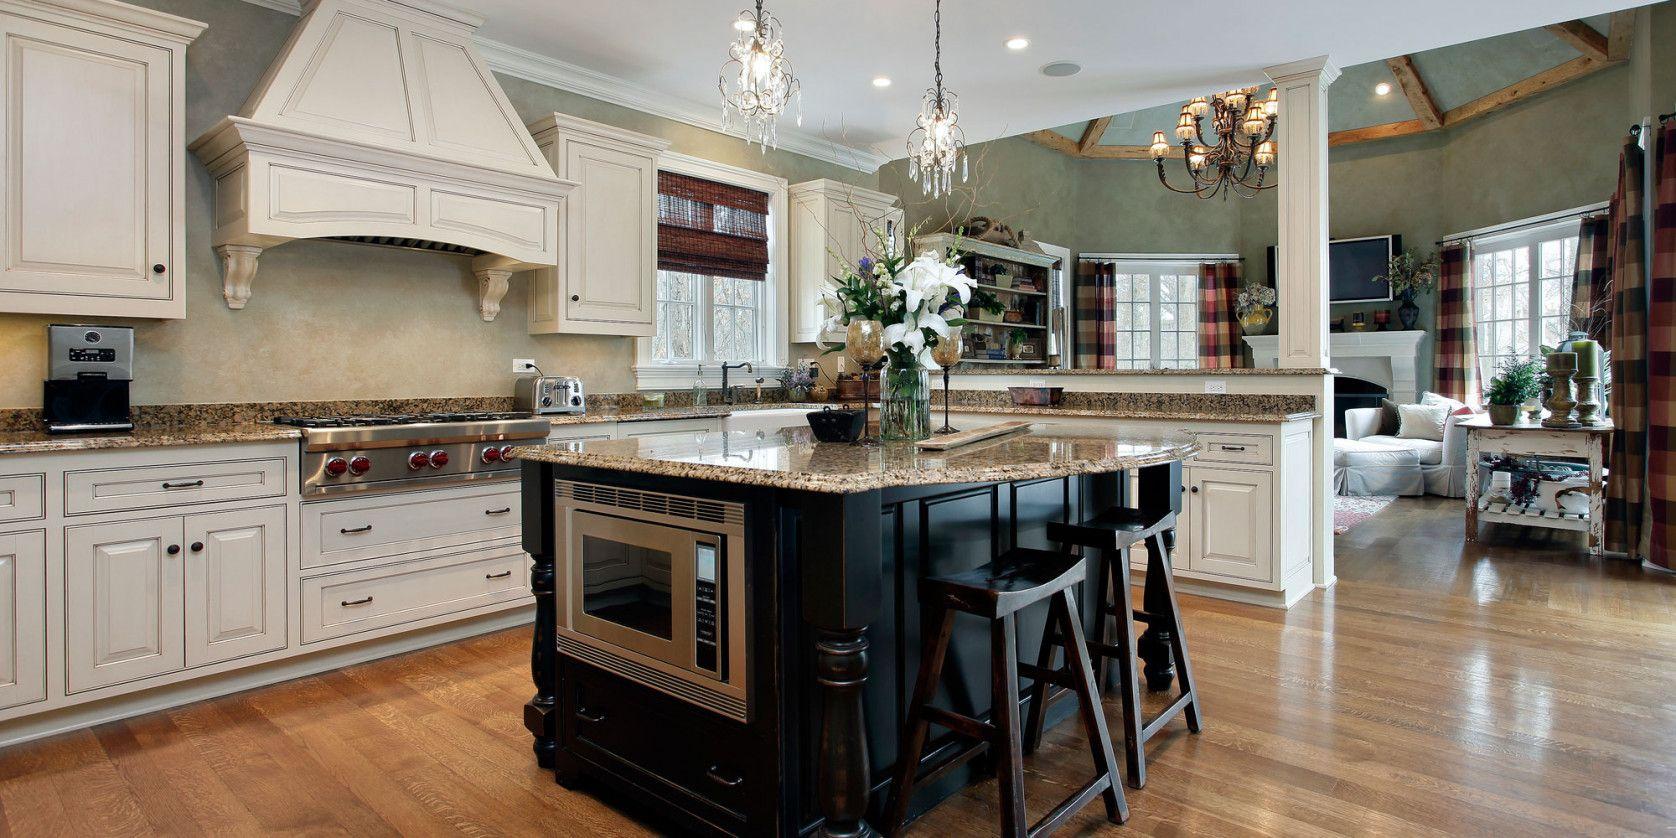 55+ Kitchen Denver Co Apartment Kitchen